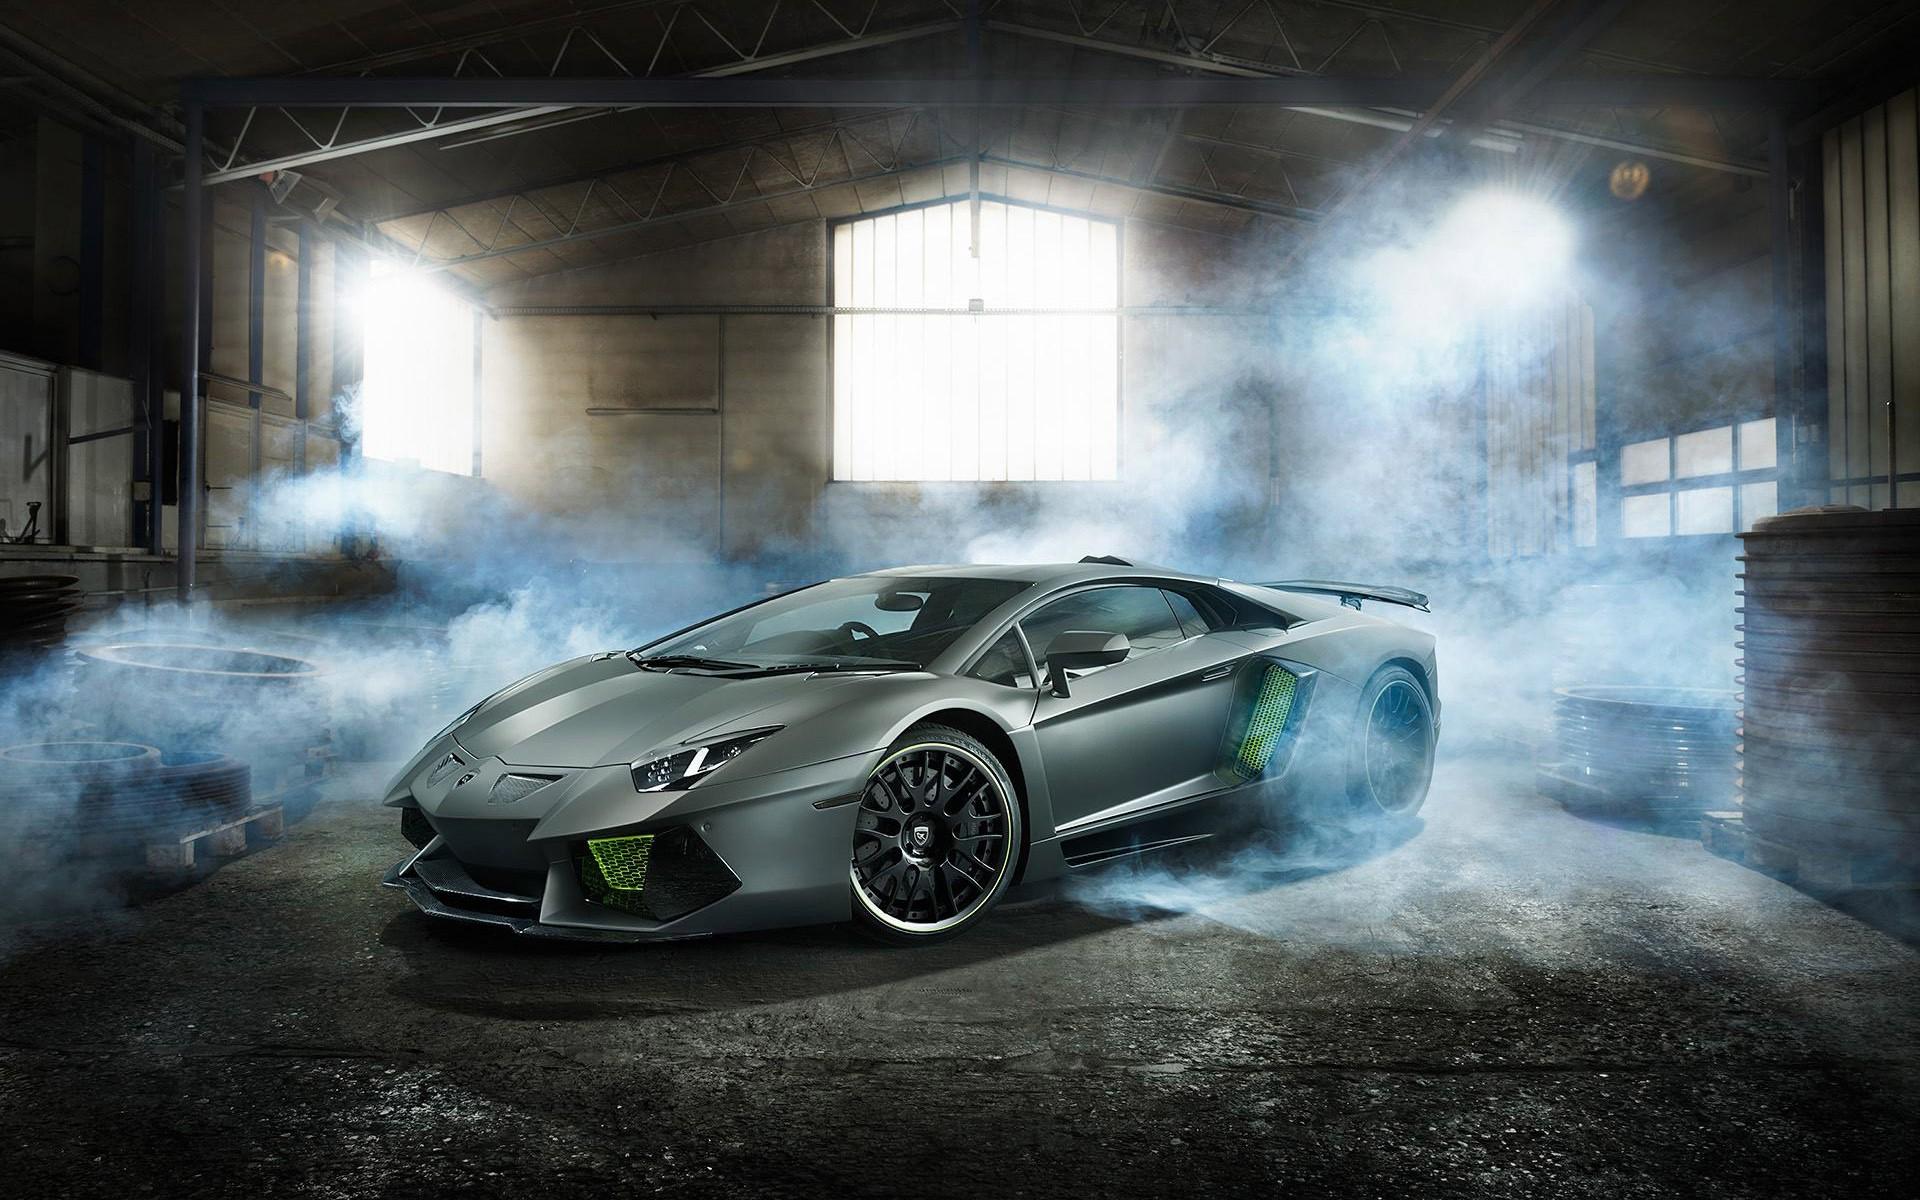 Lamborgini Sports Car Hd Wallpaper Lamborghini Aventador Desktop Hd Hd Cars 4k Wallpapers